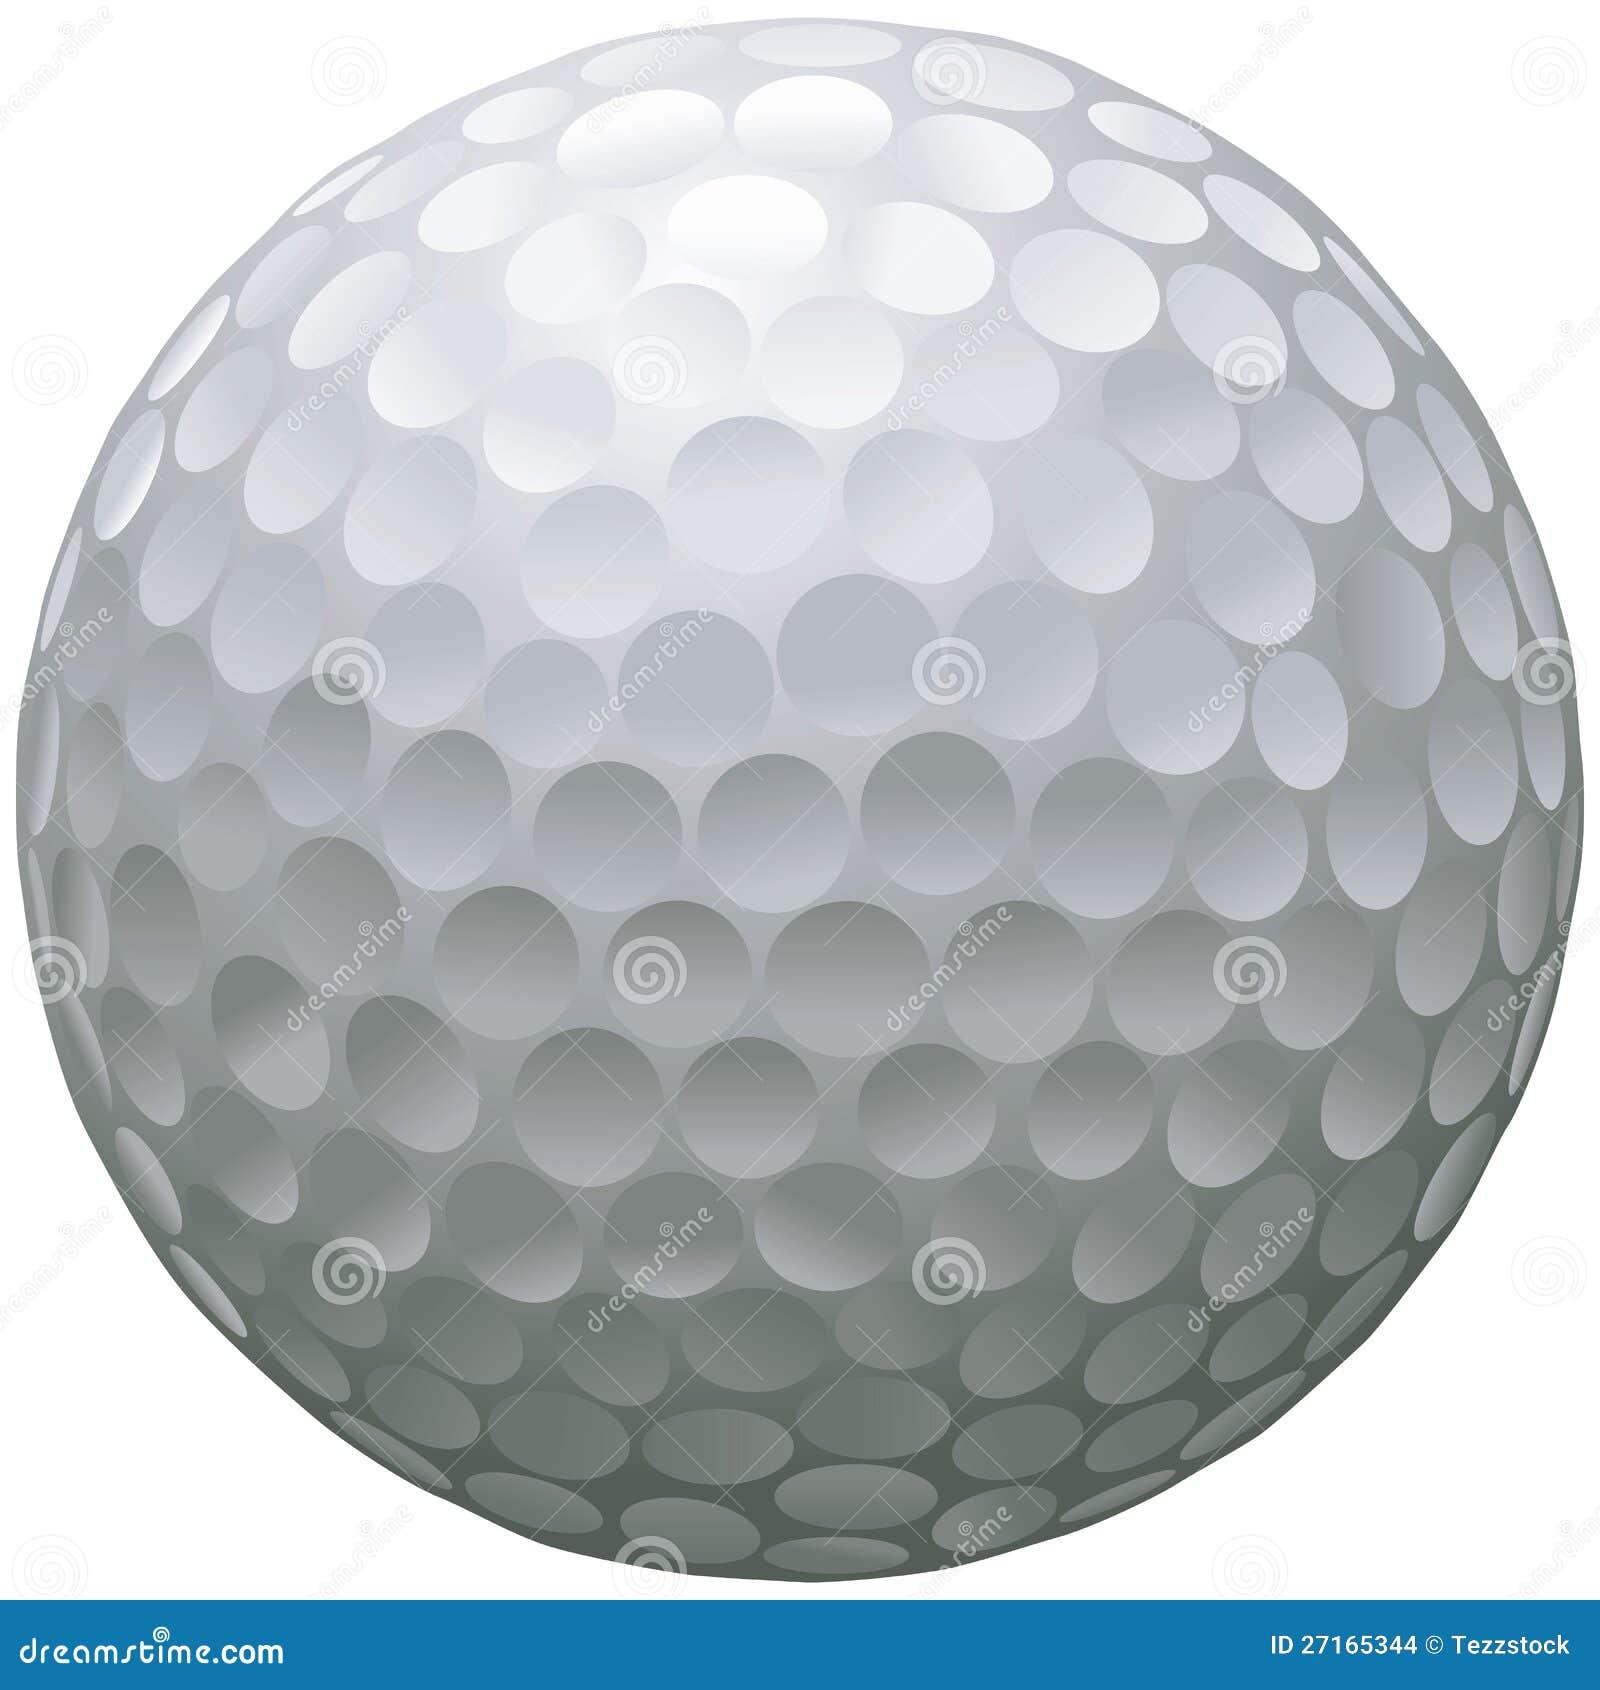 pelota de golf aislada ilustraci n del vector imagen de detalle 27165344. Black Bedroom Furniture Sets. Home Design Ideas